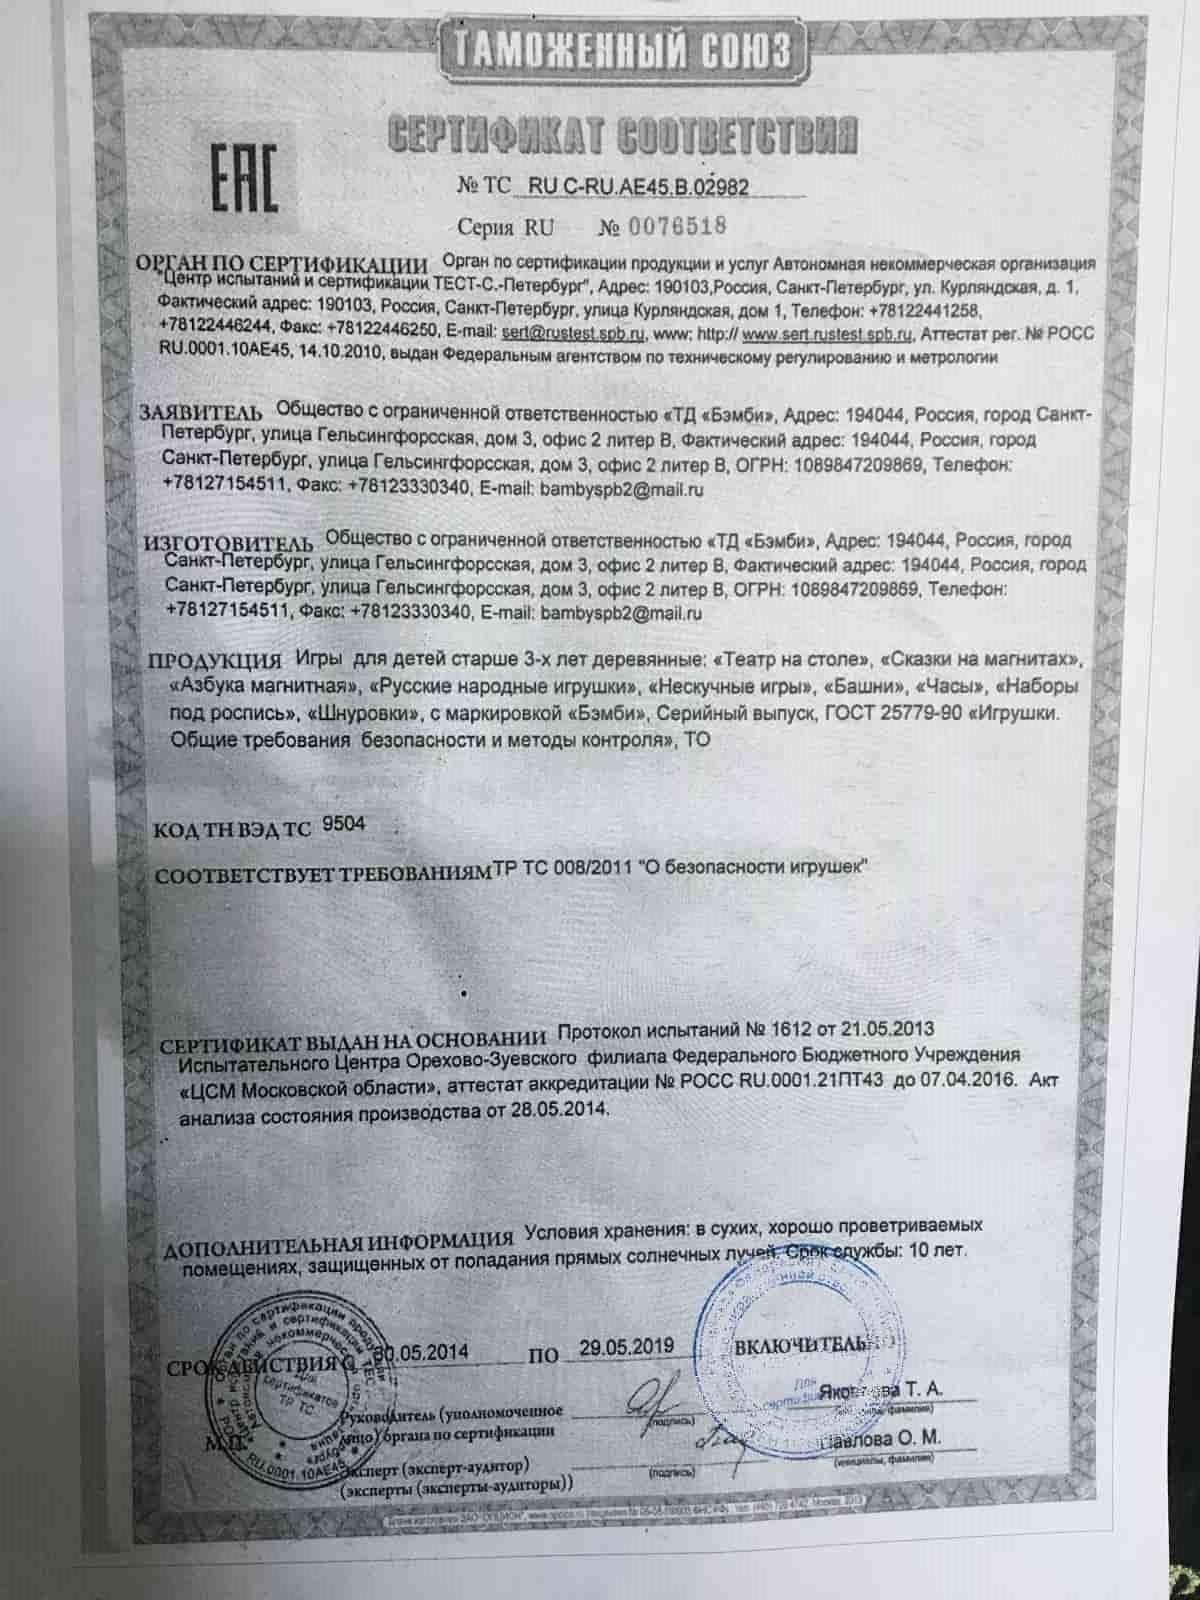 сертификат на подарки №15